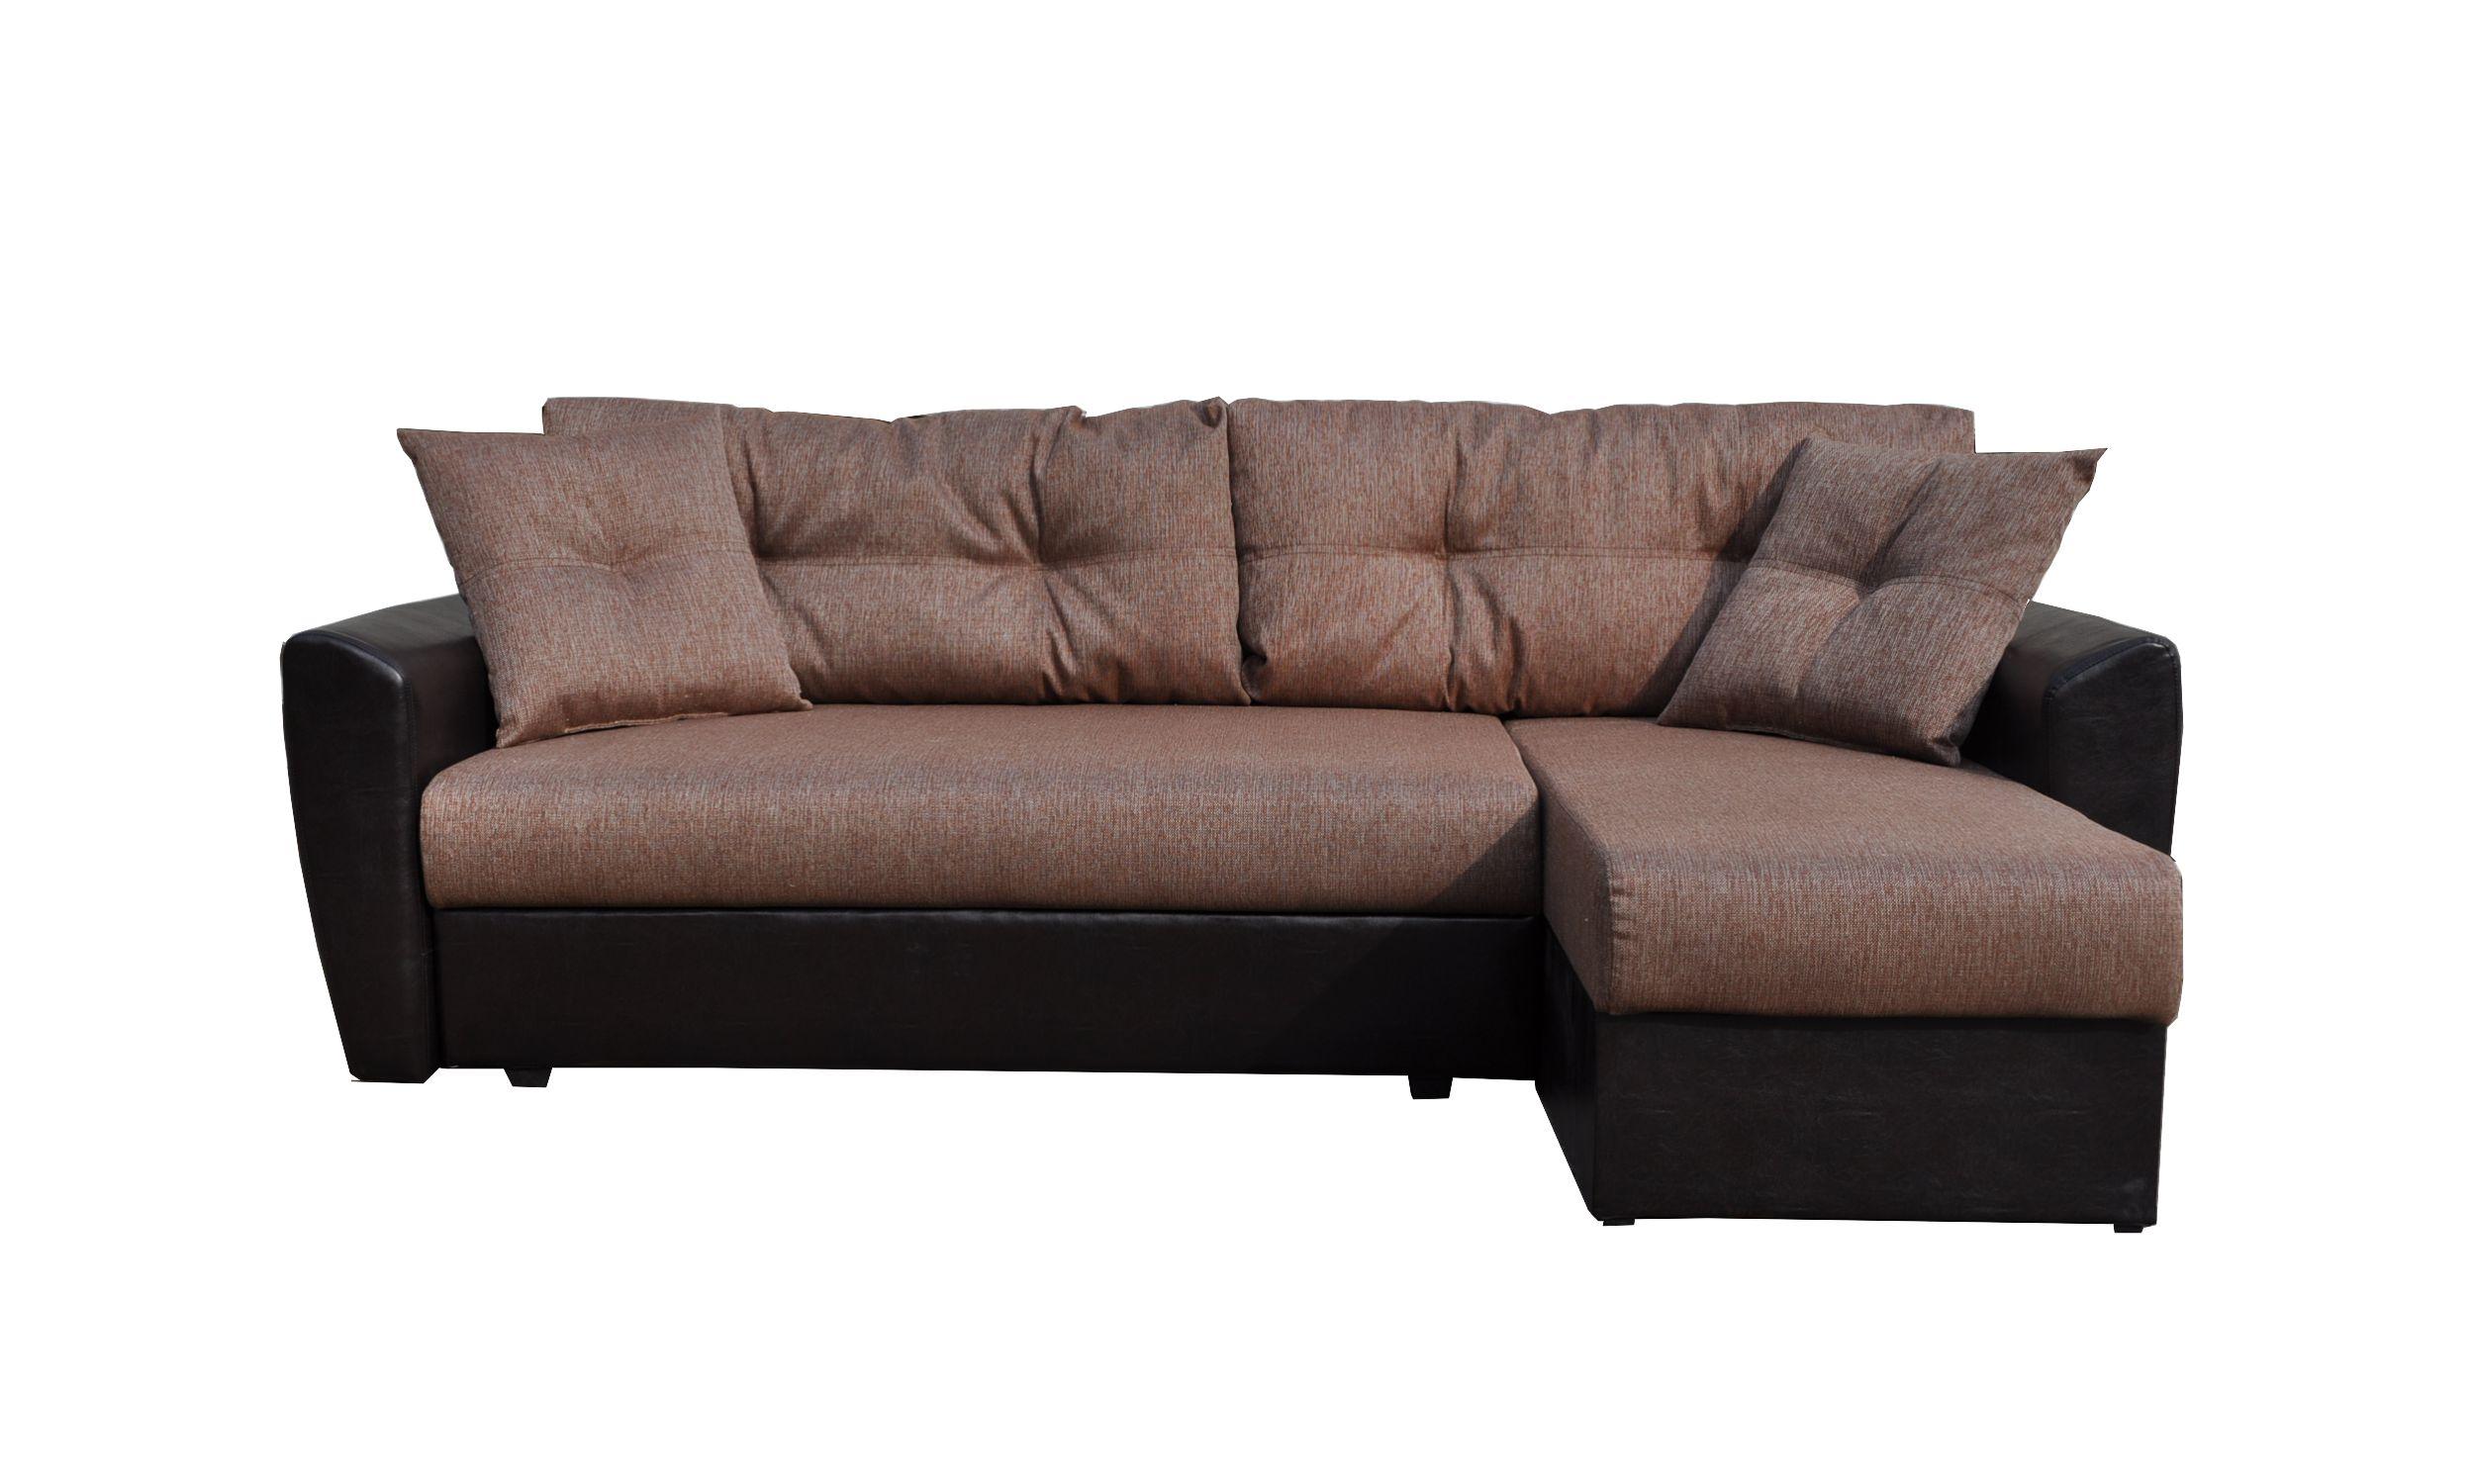 Диван угловой Амстердам рогожка коричневая 160